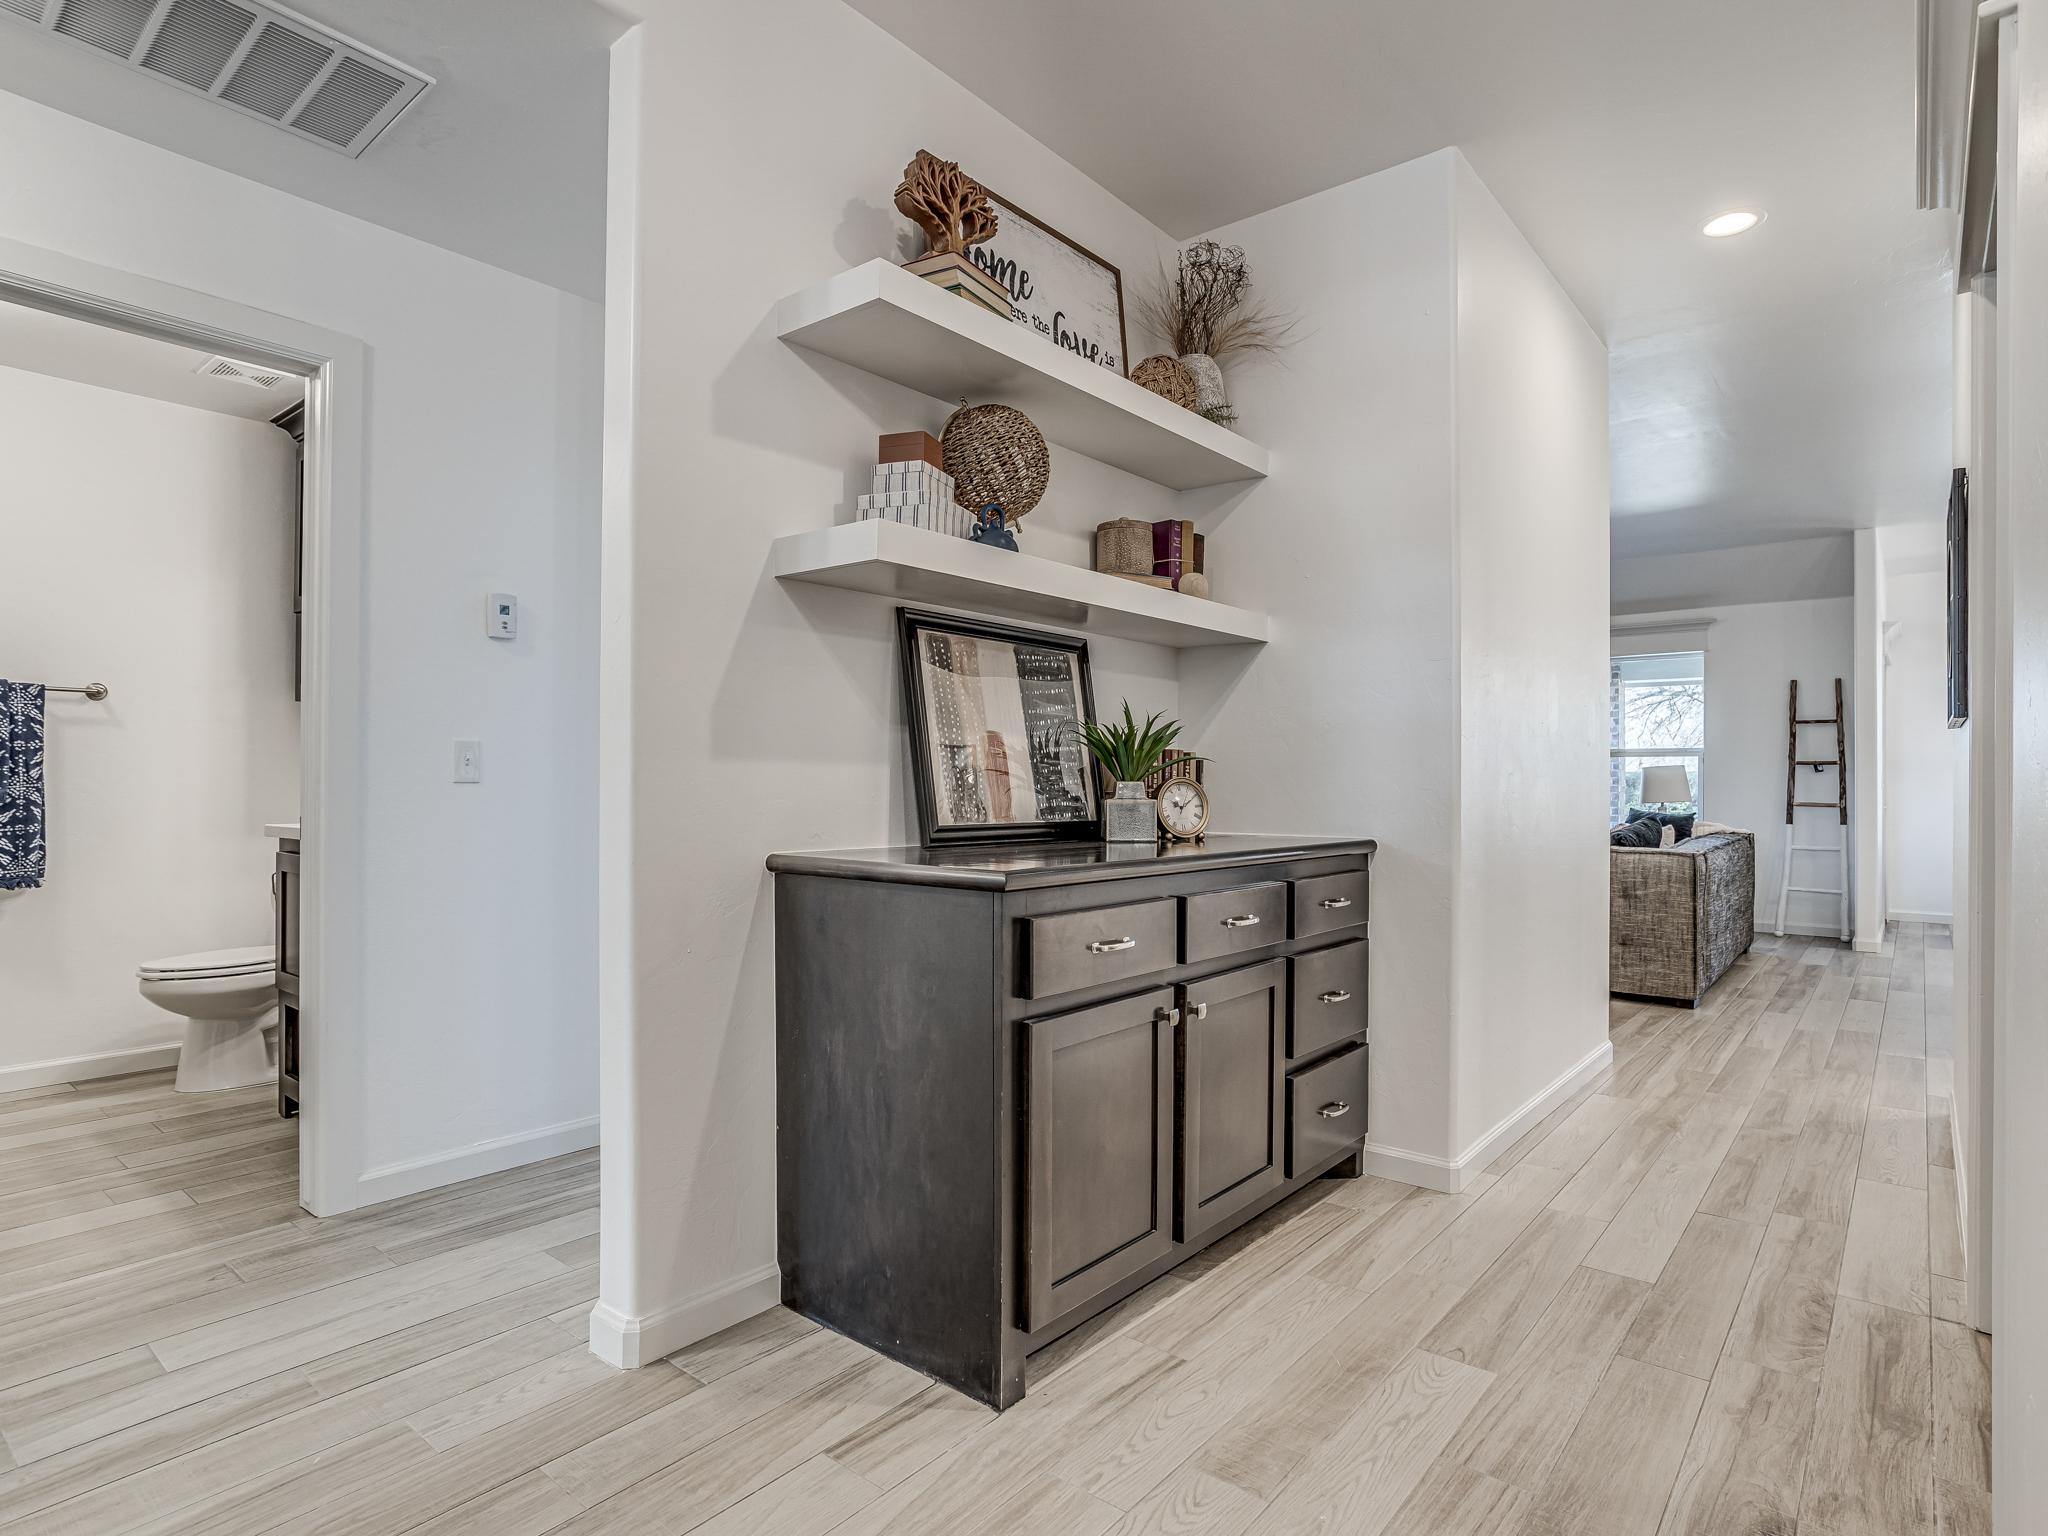 805 Azalea Farms Road, Noble, Oklahoma, 3 Bedrooms Bedrooms, ,2 BathroomsBathrooms,House,For Sale,805 Azalea Farms Road,1020